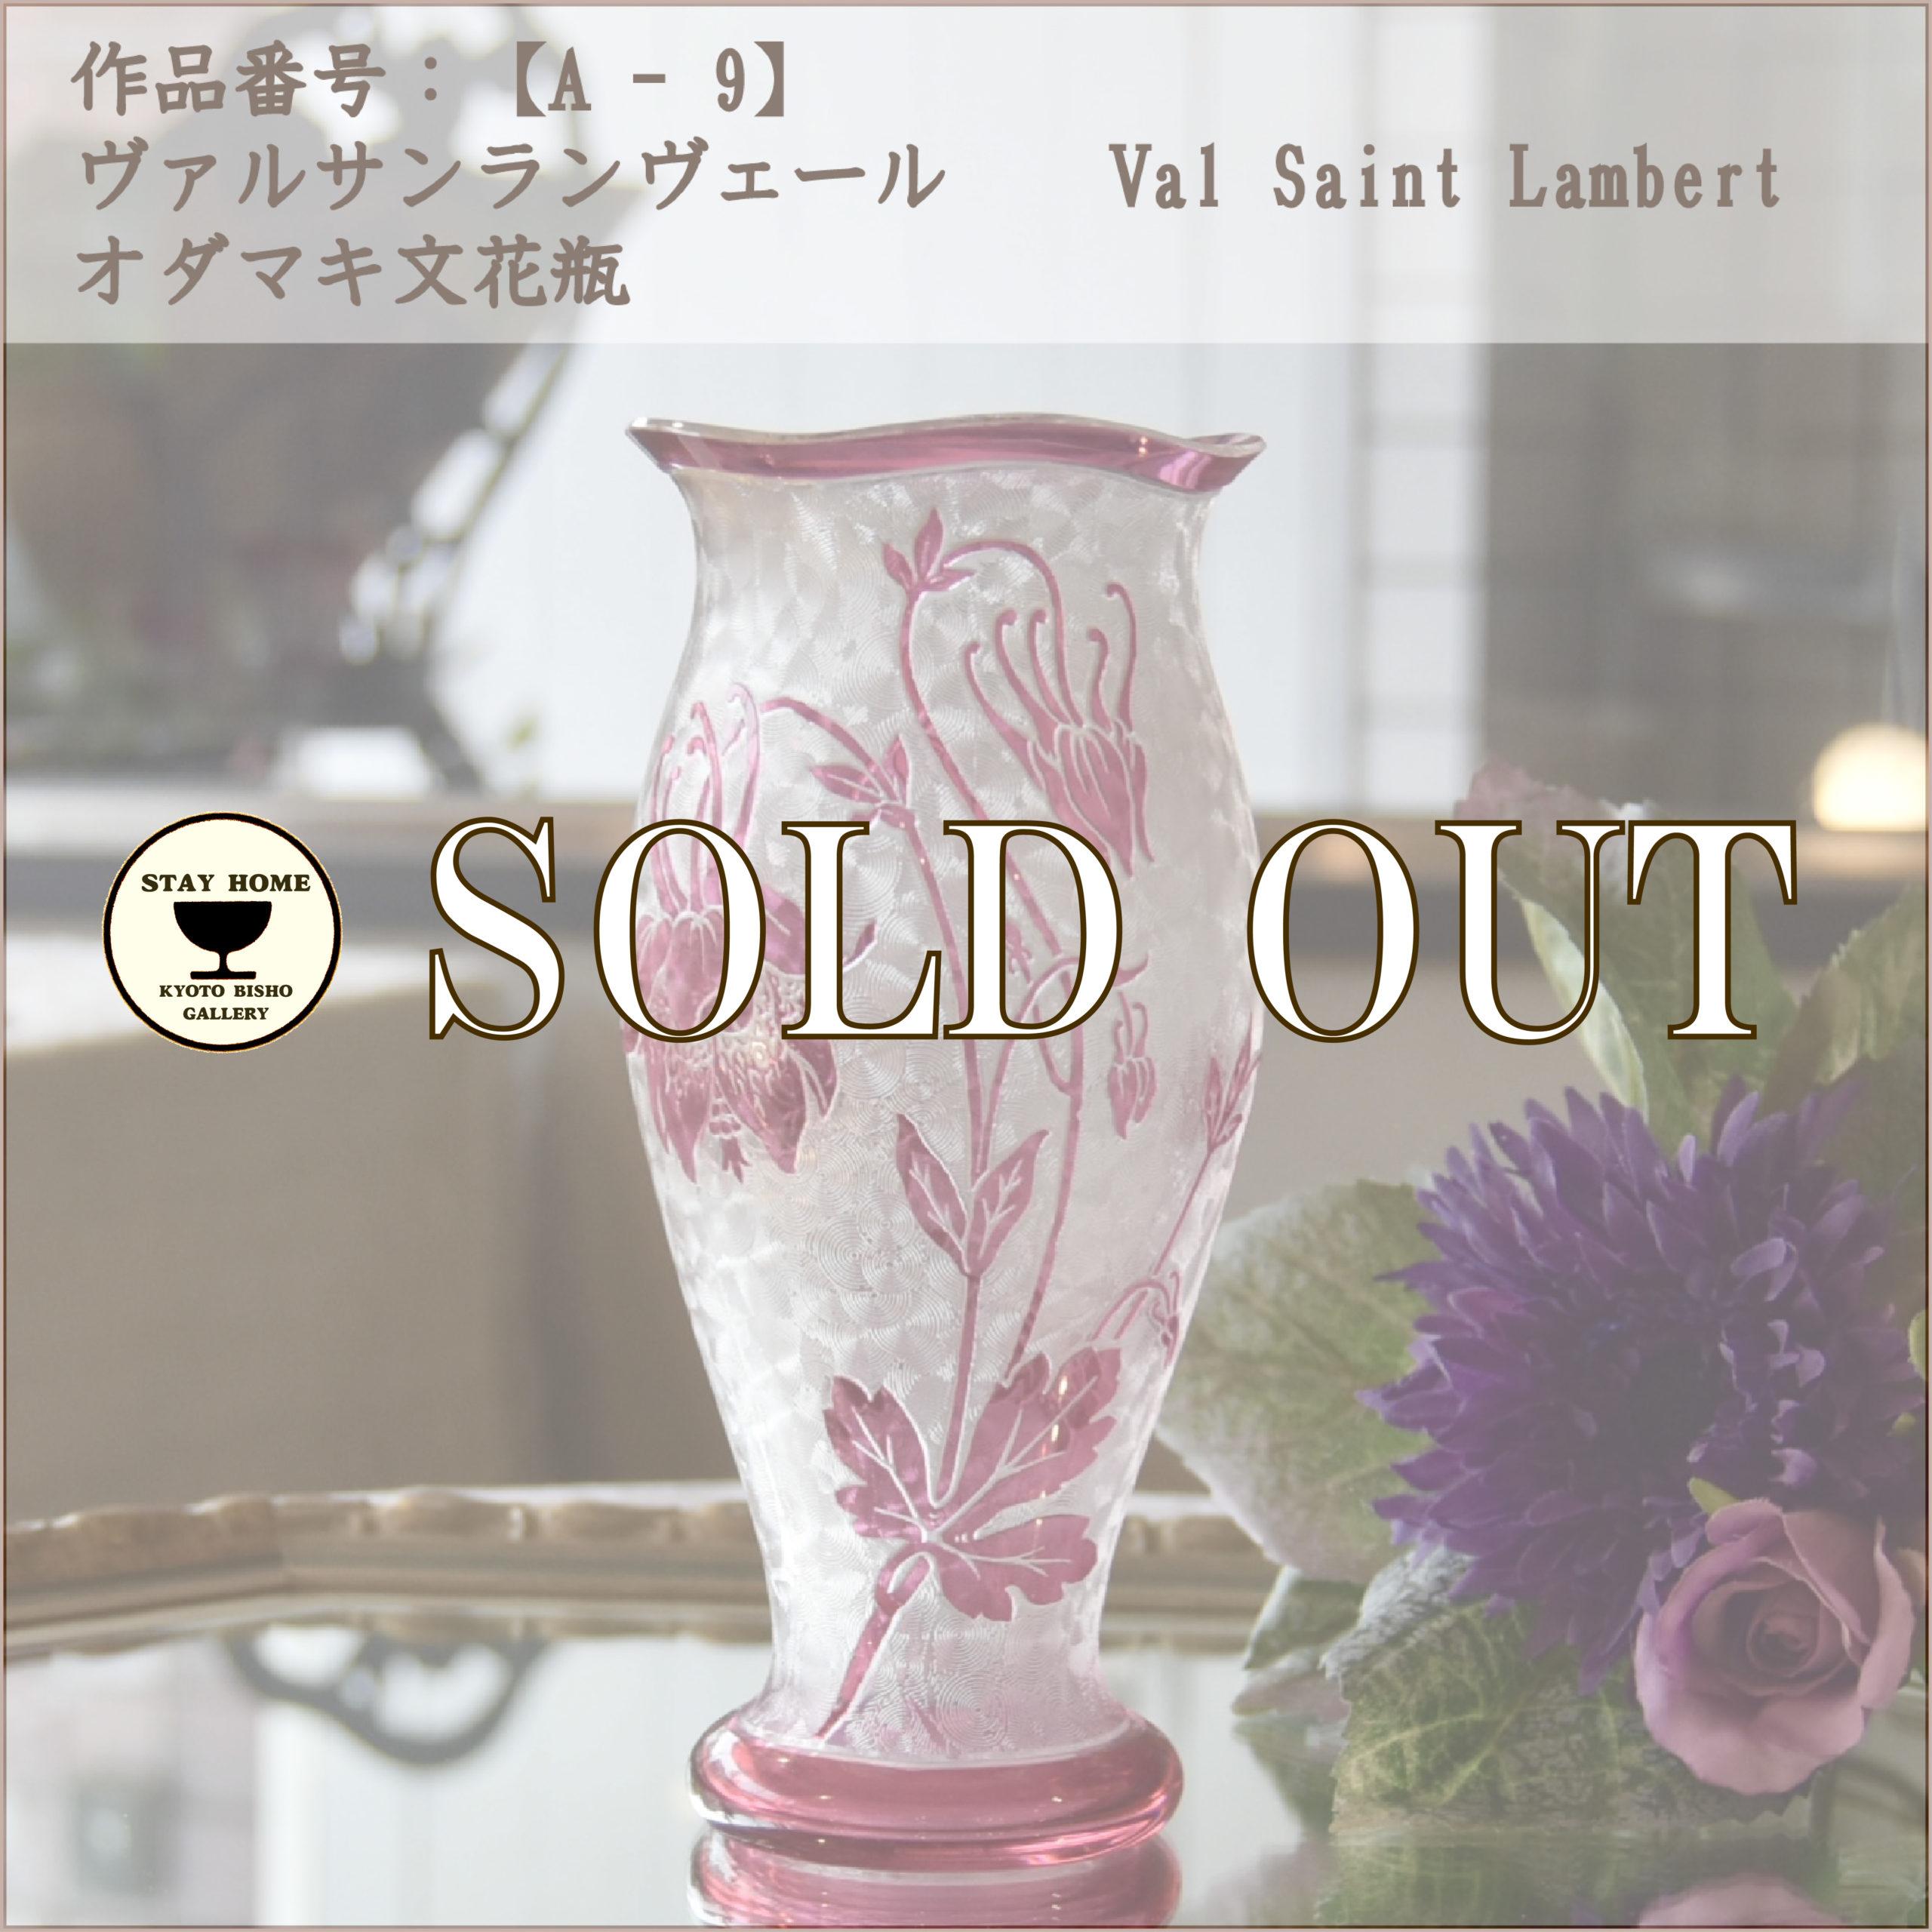 作品番号【A-9】ヴァル・サンランヴェール  オダマキ文花瓶